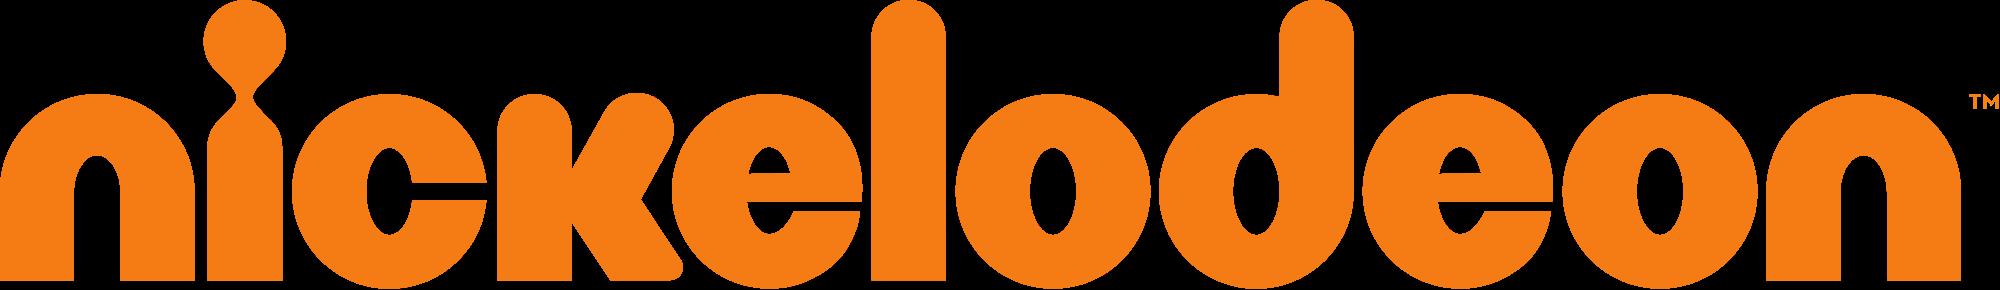 تردد قناة الاطفال Nickelodeon على قمر Eutelsat 16A لعام 2016